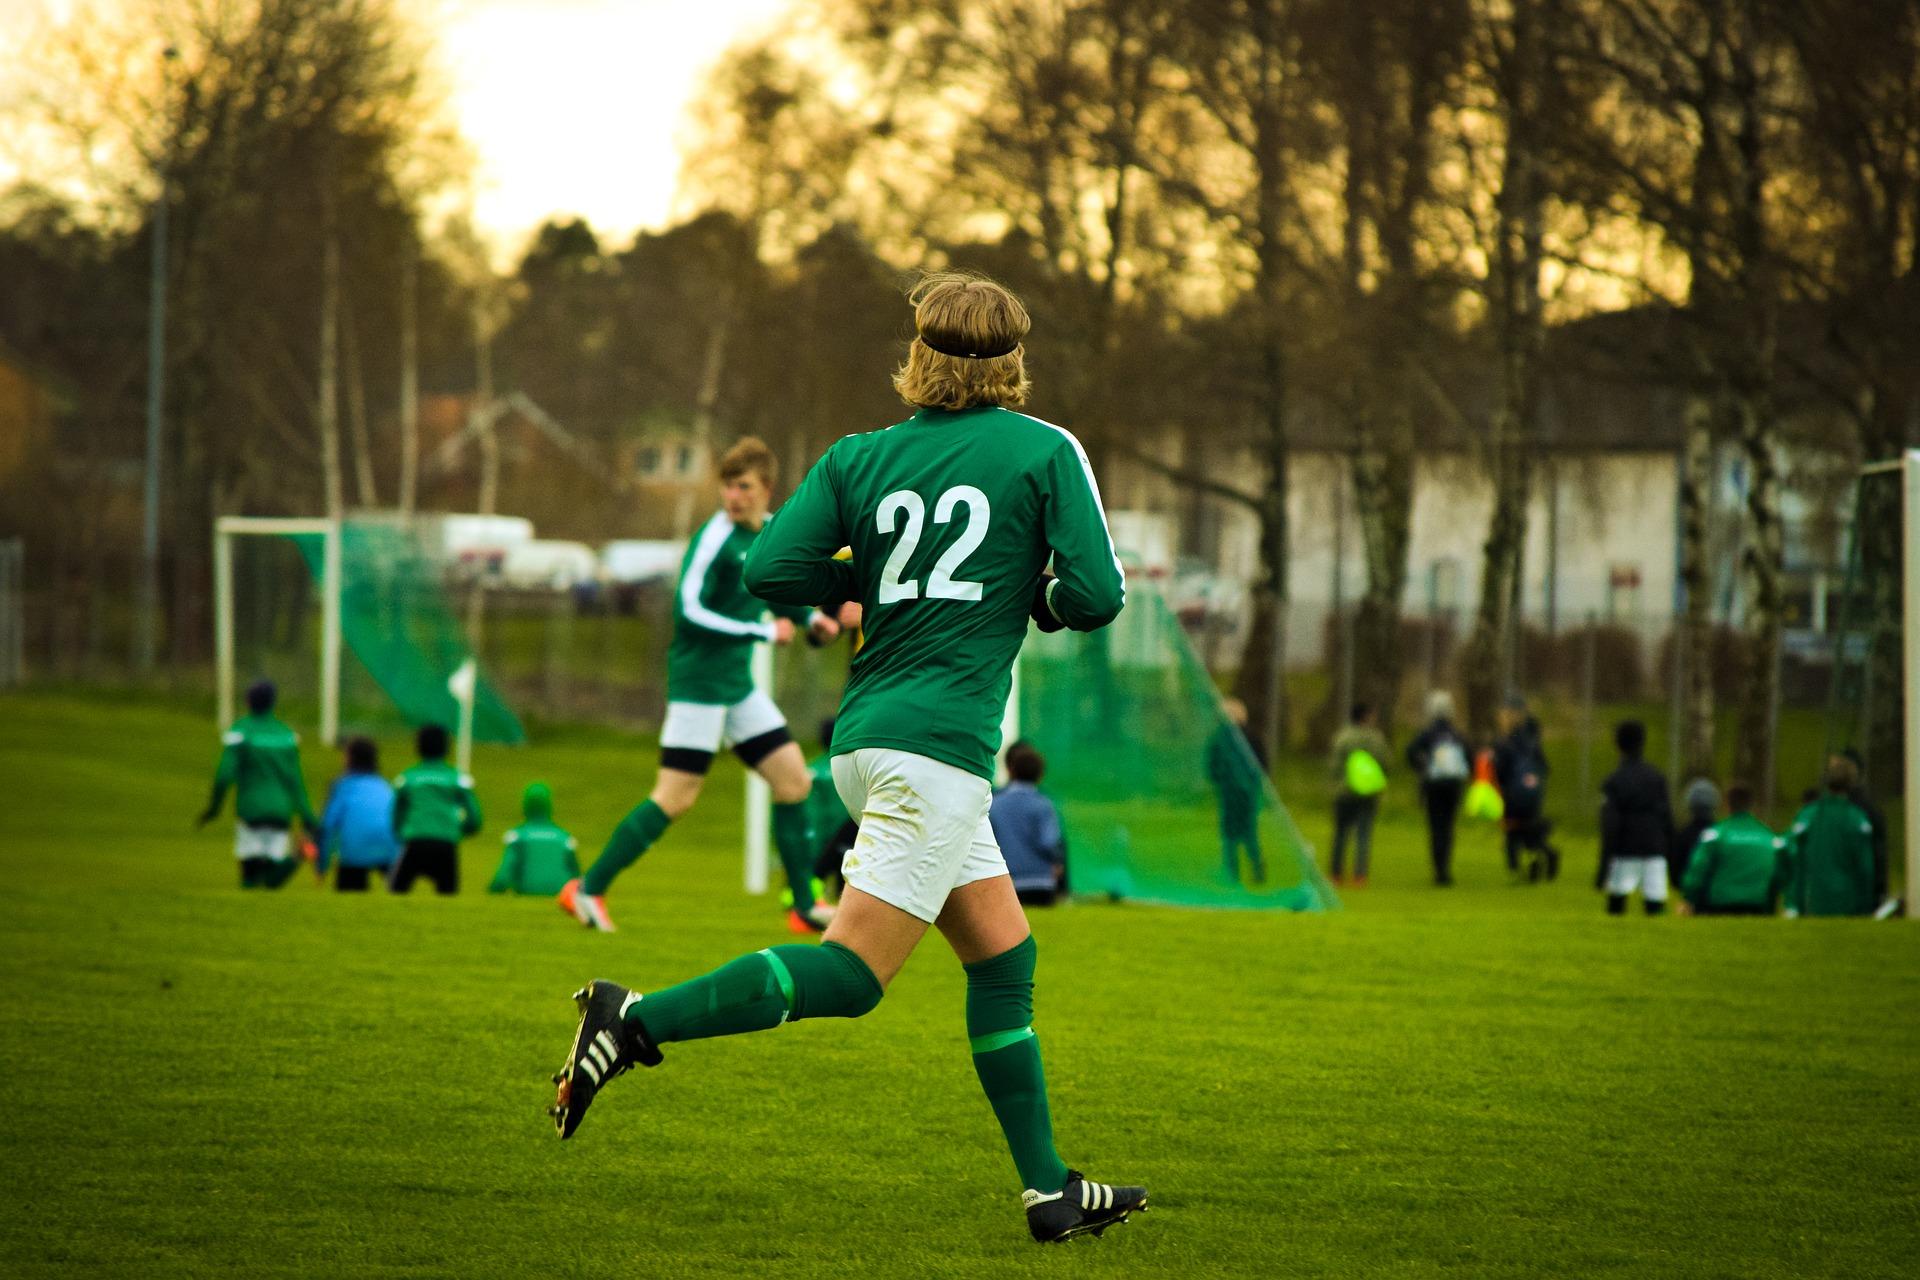 Fußball, Rasen, Jugendlicher